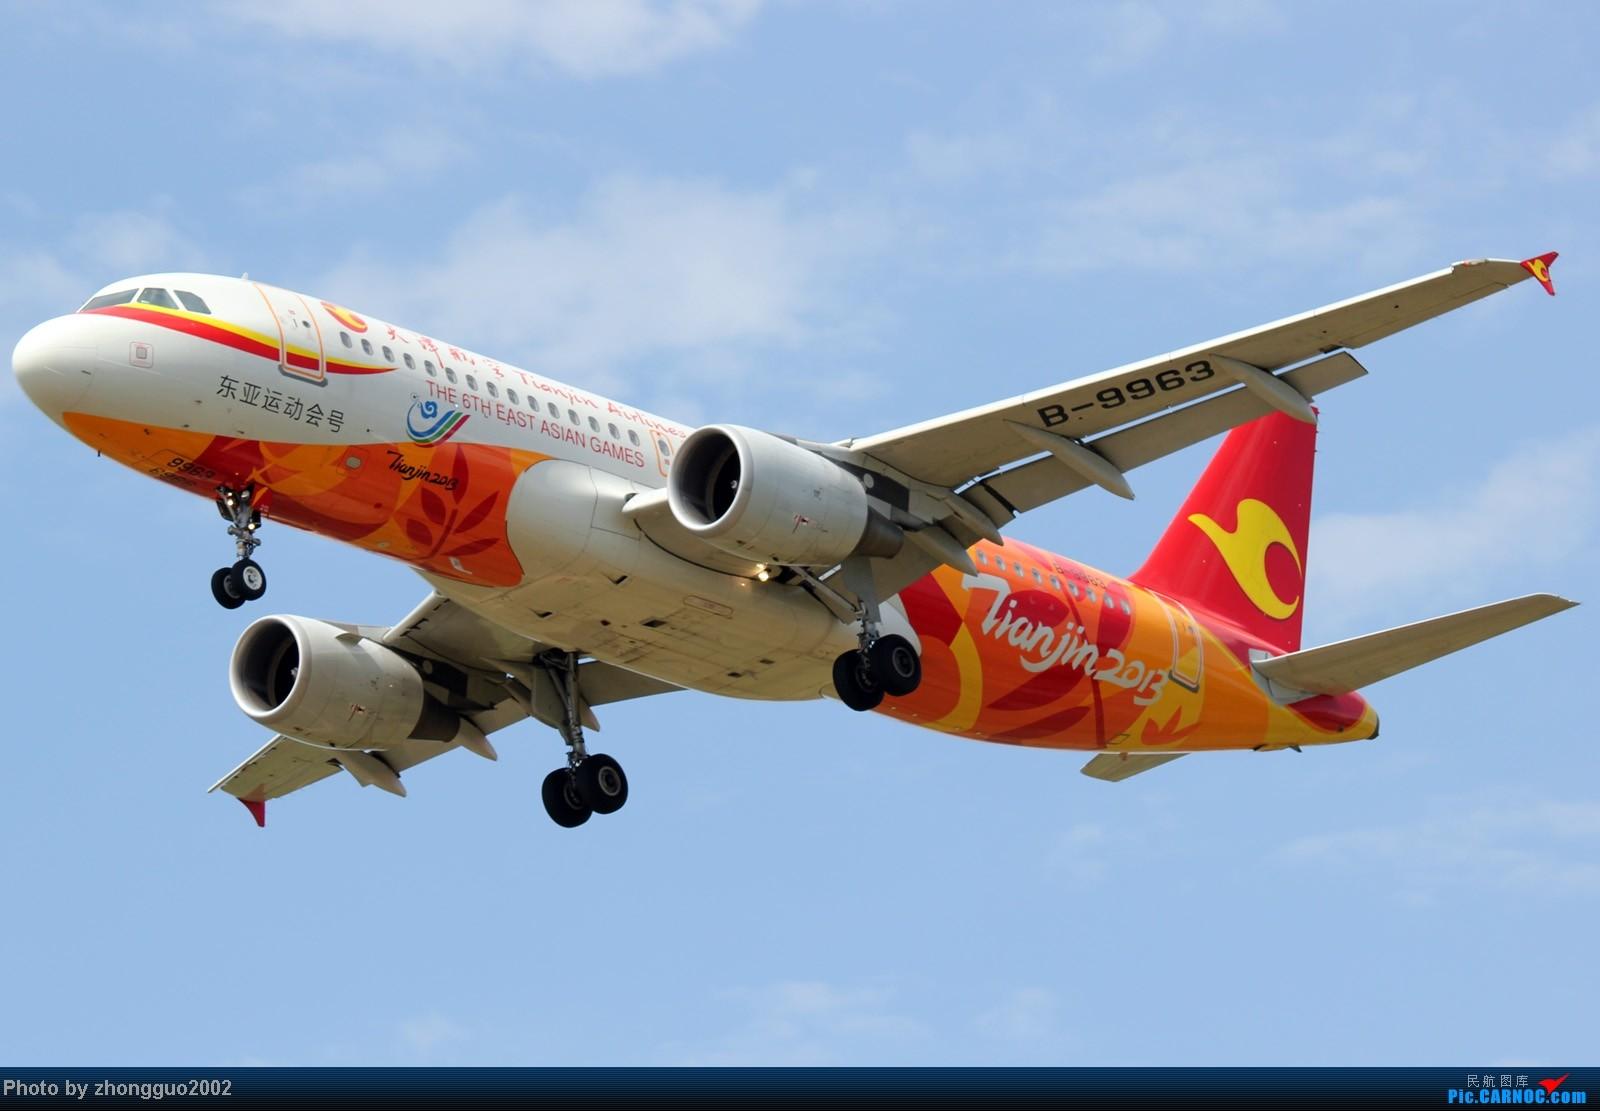 Re:[原创]东航的新邮戳321,世博彩绘机,南航、瑞丽、河北、深圳航空的新飞机,香港航空、长荣航空、远东、韩国济州航空的飞机,国航772,大大小小一堆飞机!!!! AIRBUS A320-200 B-9963 中国呼和浩特白塔机场